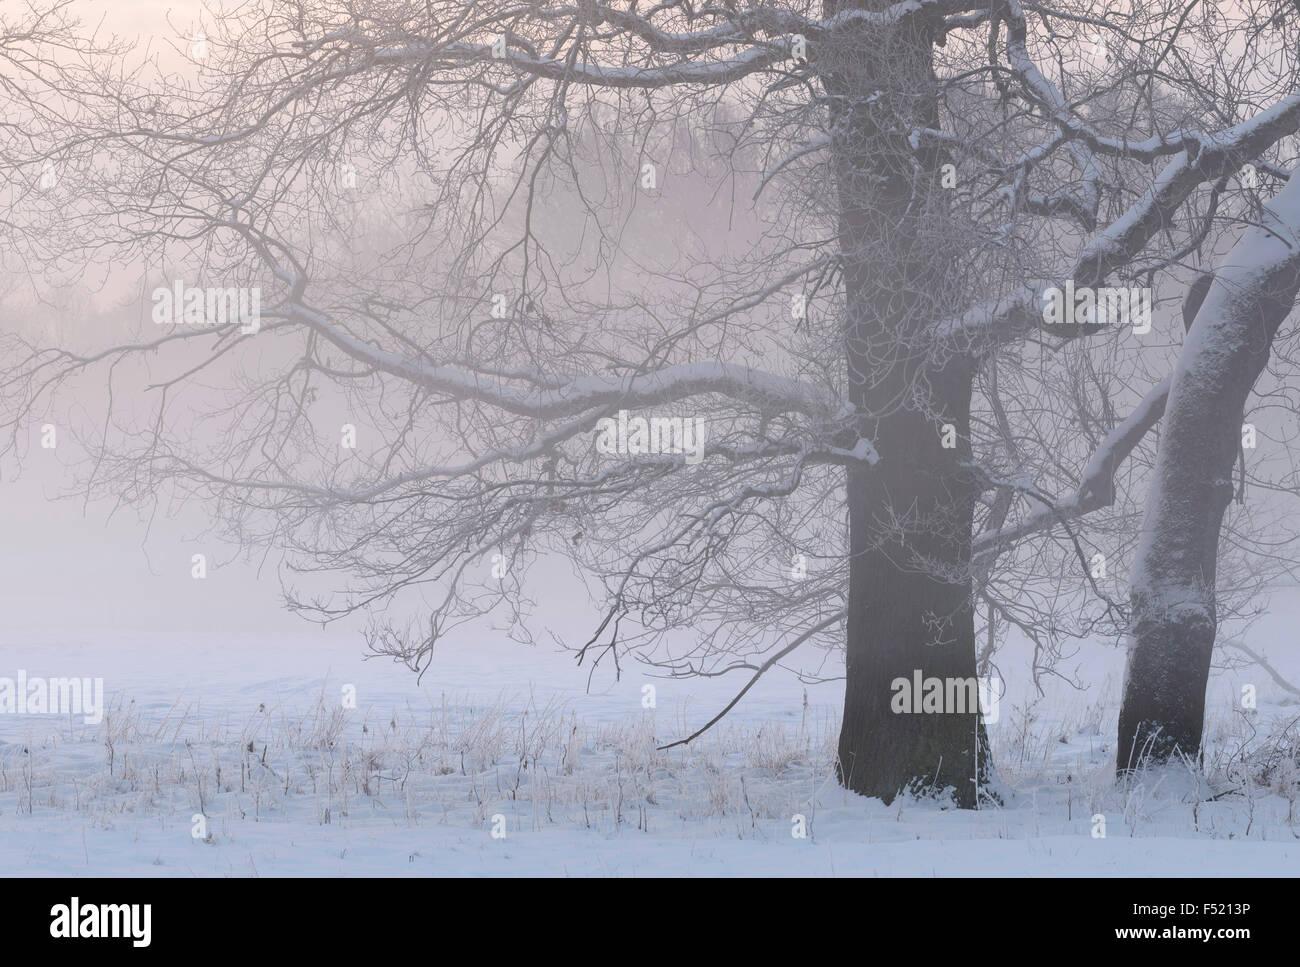 Deutschland, Nordrhein-Westfalen, Wahner Heide, Aggeraue, Schneebedeckte Bäume Im Morgennebel, Stockbild